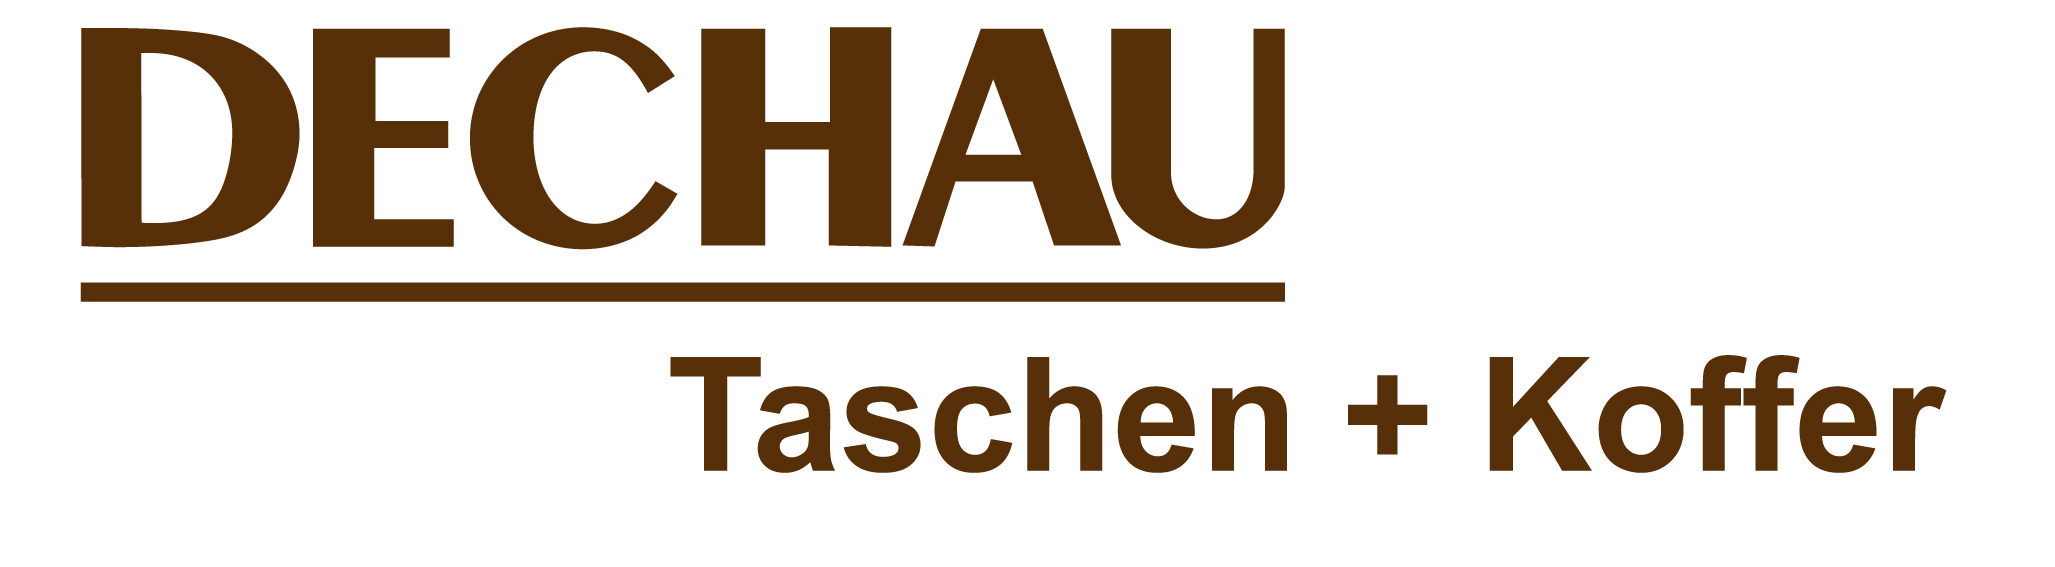 Dechau - Taschen + Koffer in Kiel, Lübeck und Hamburg